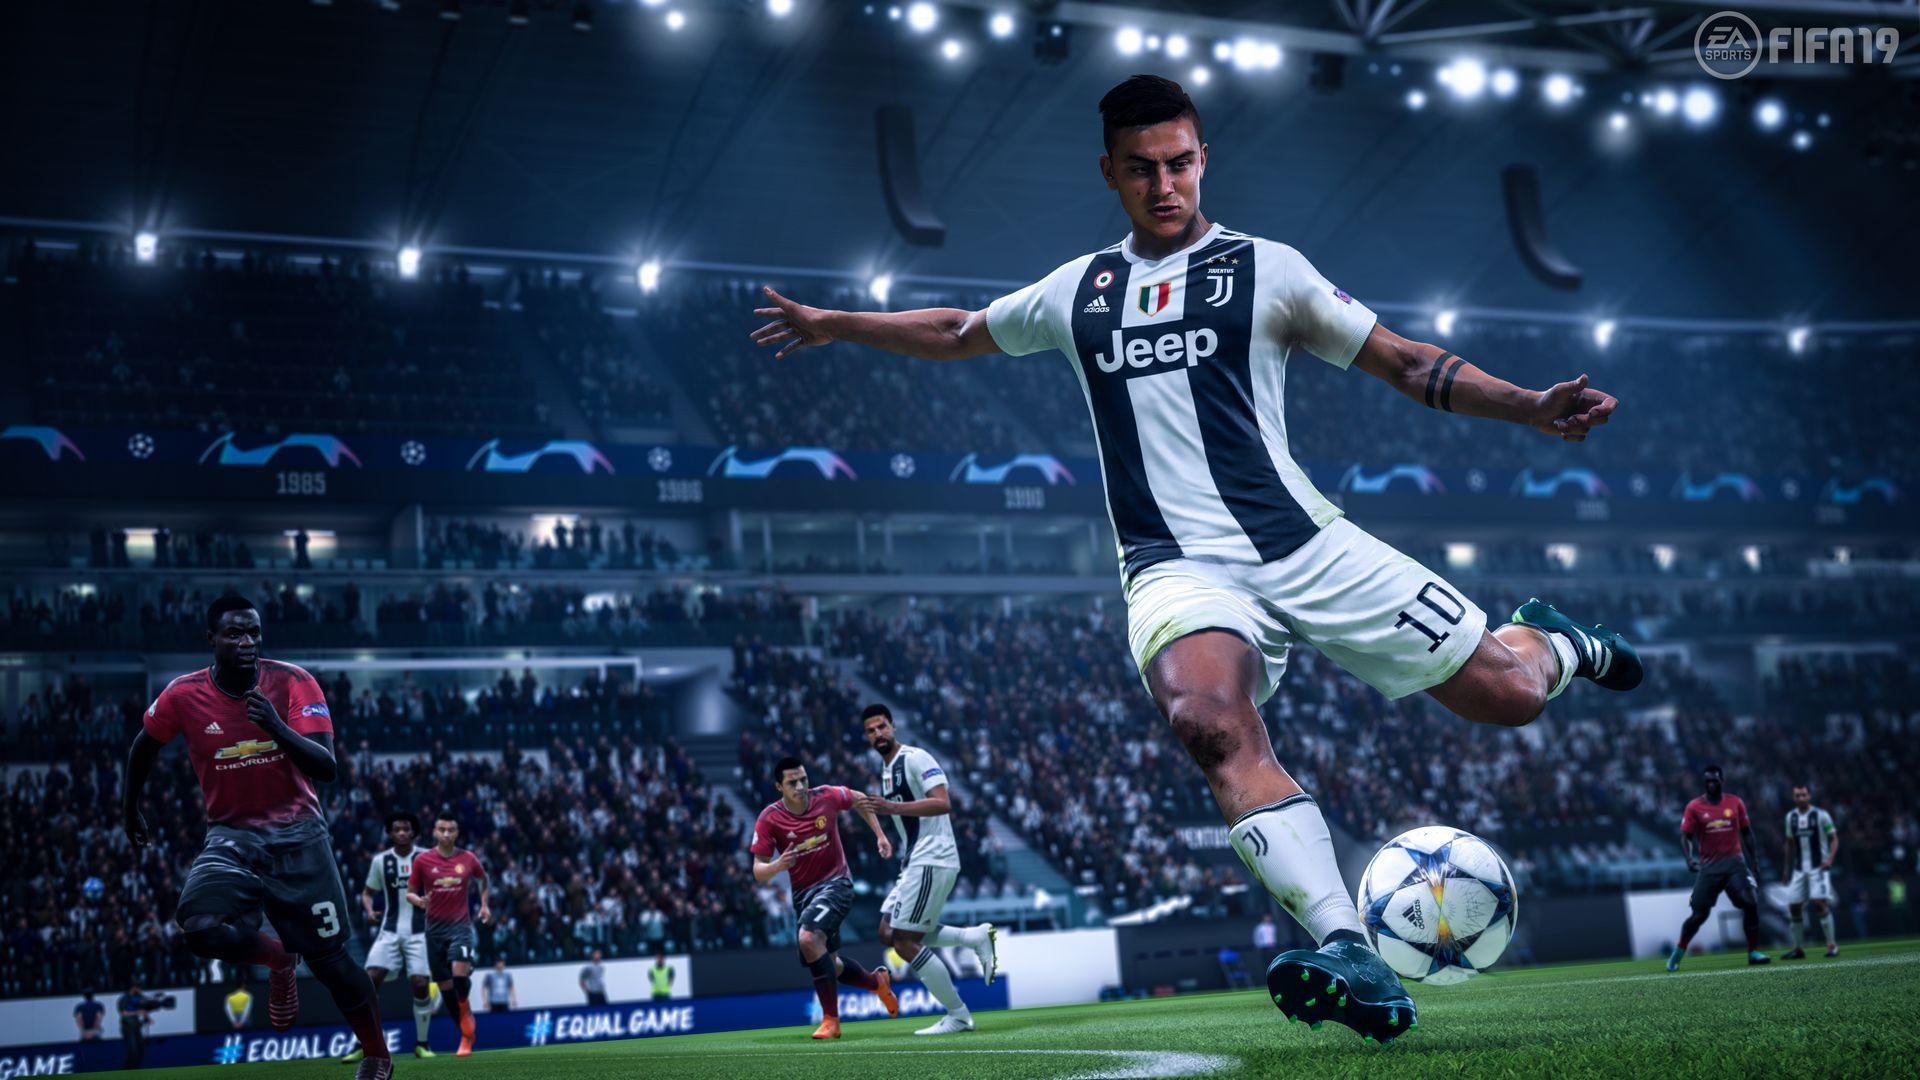 FIFA 19: annunciate le nuove icone di Ultimate Team